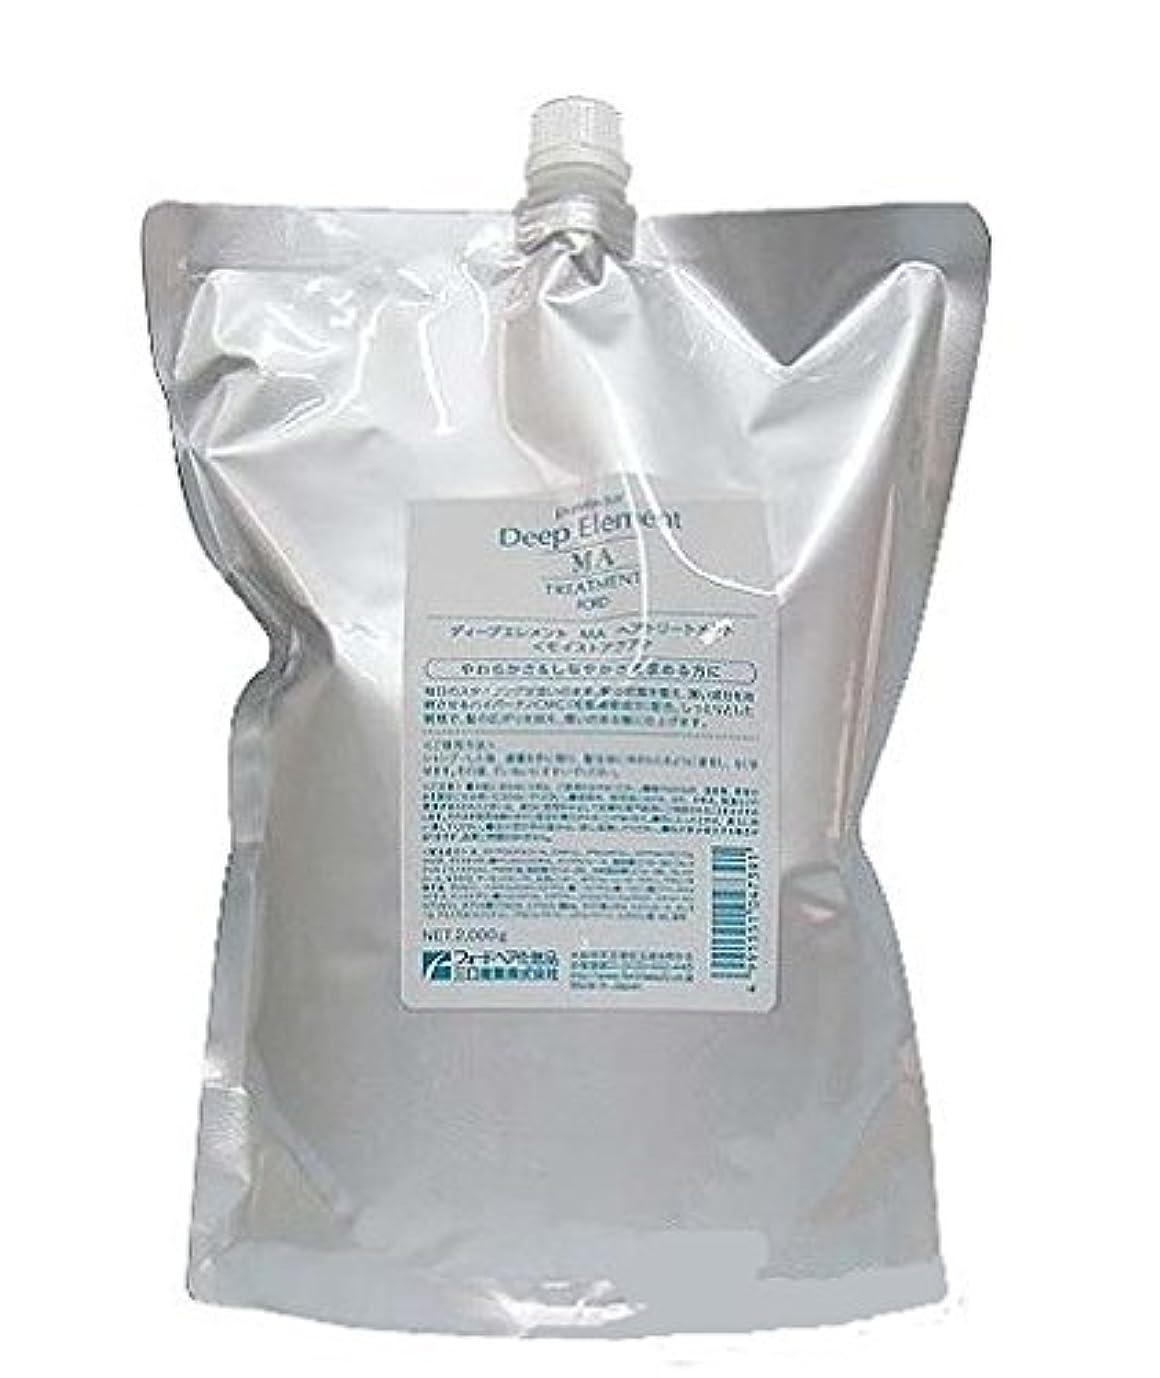 トラクター銀河リアルフォードヘア化粧品 ディープエレメント MA ヘアトリートメント レフィル 2000g